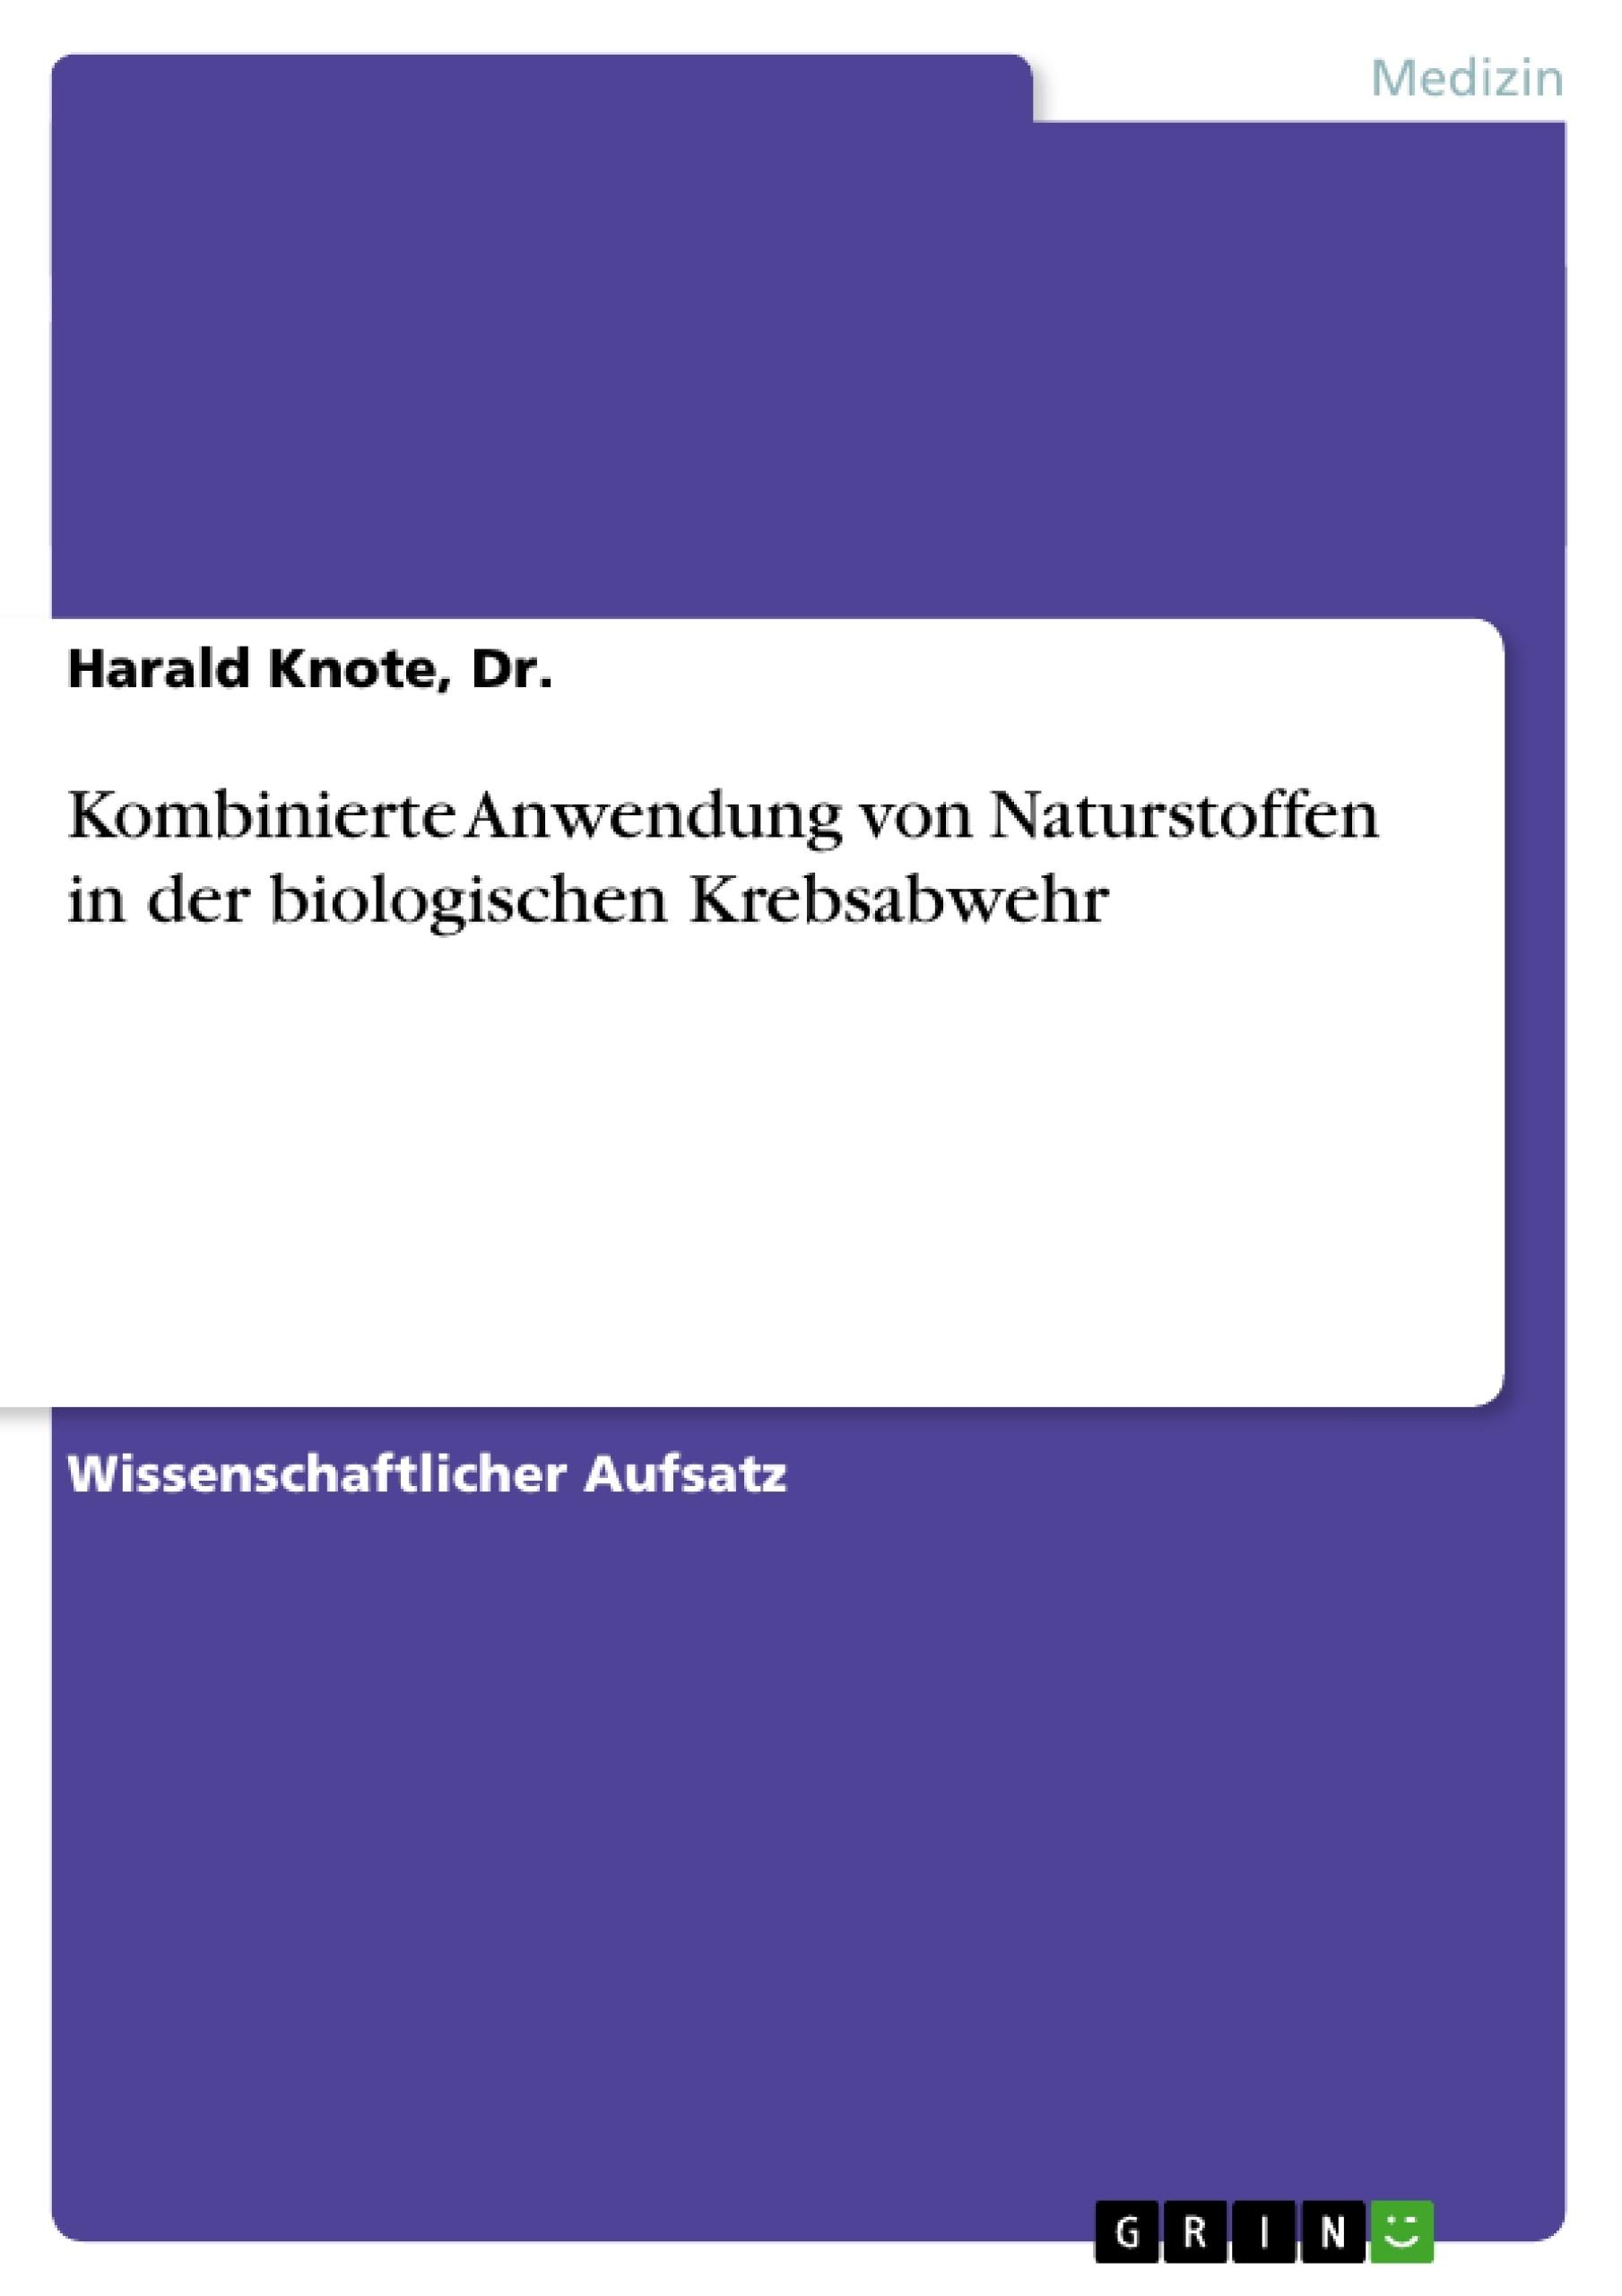 Titel: Kombinierte Anwendung von Naturstoffen in der biologischen Krebsabwehr